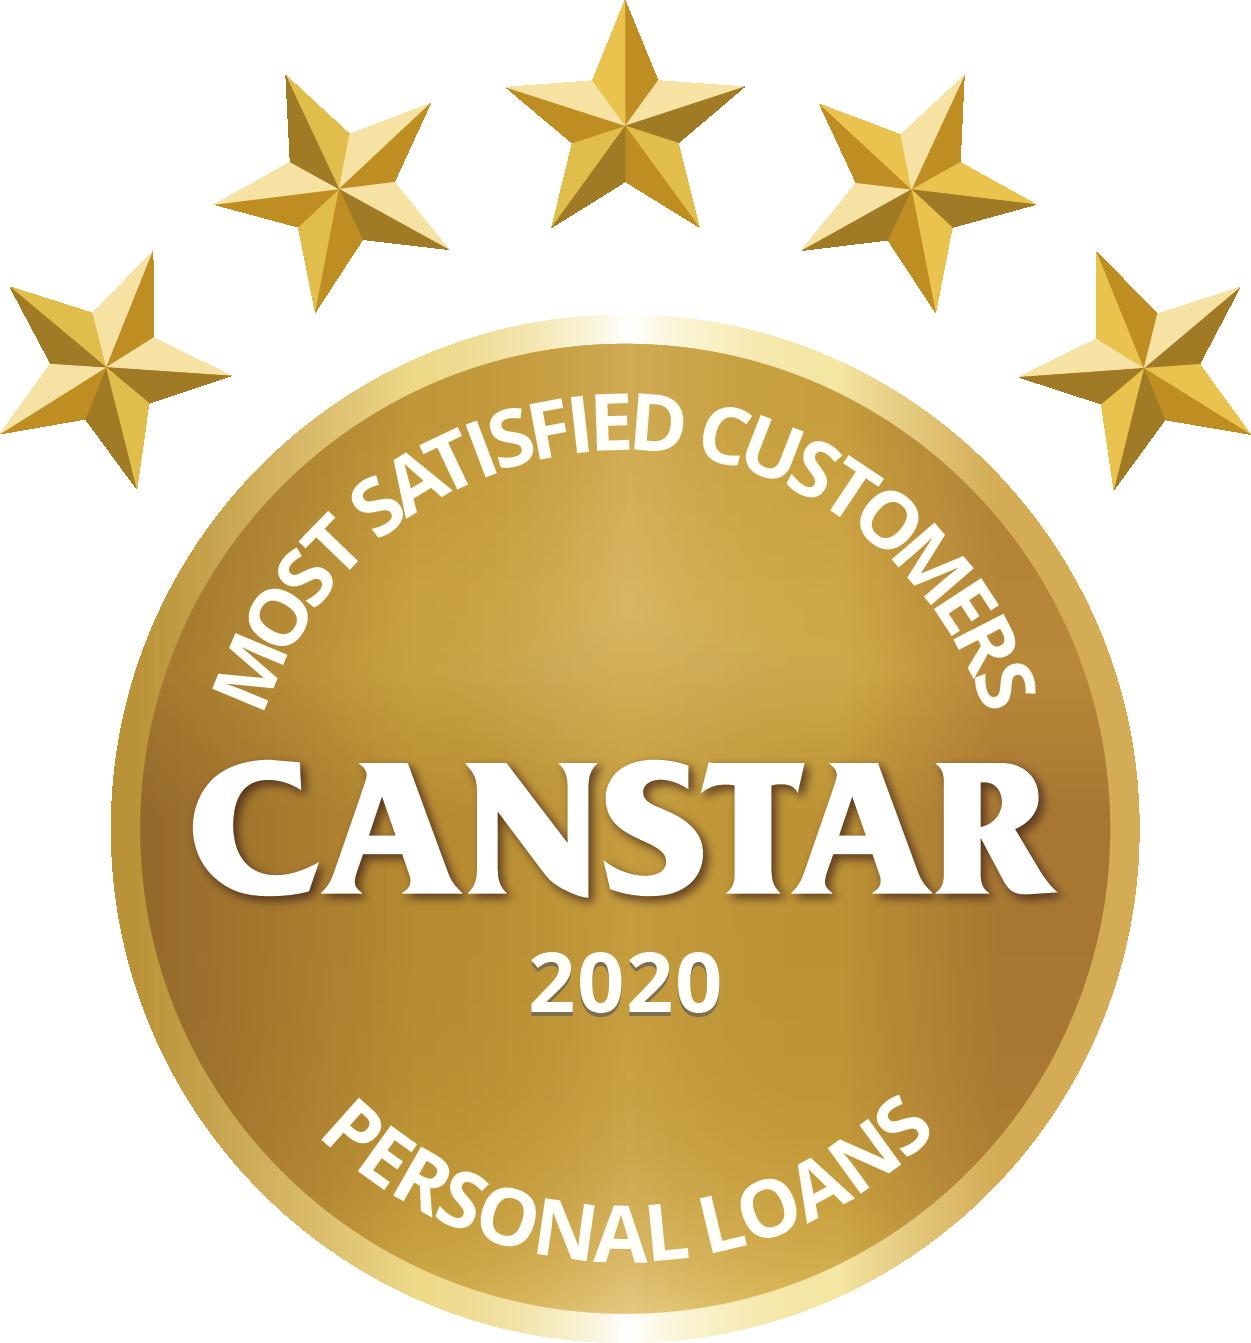 Personal Loans MSC 2020